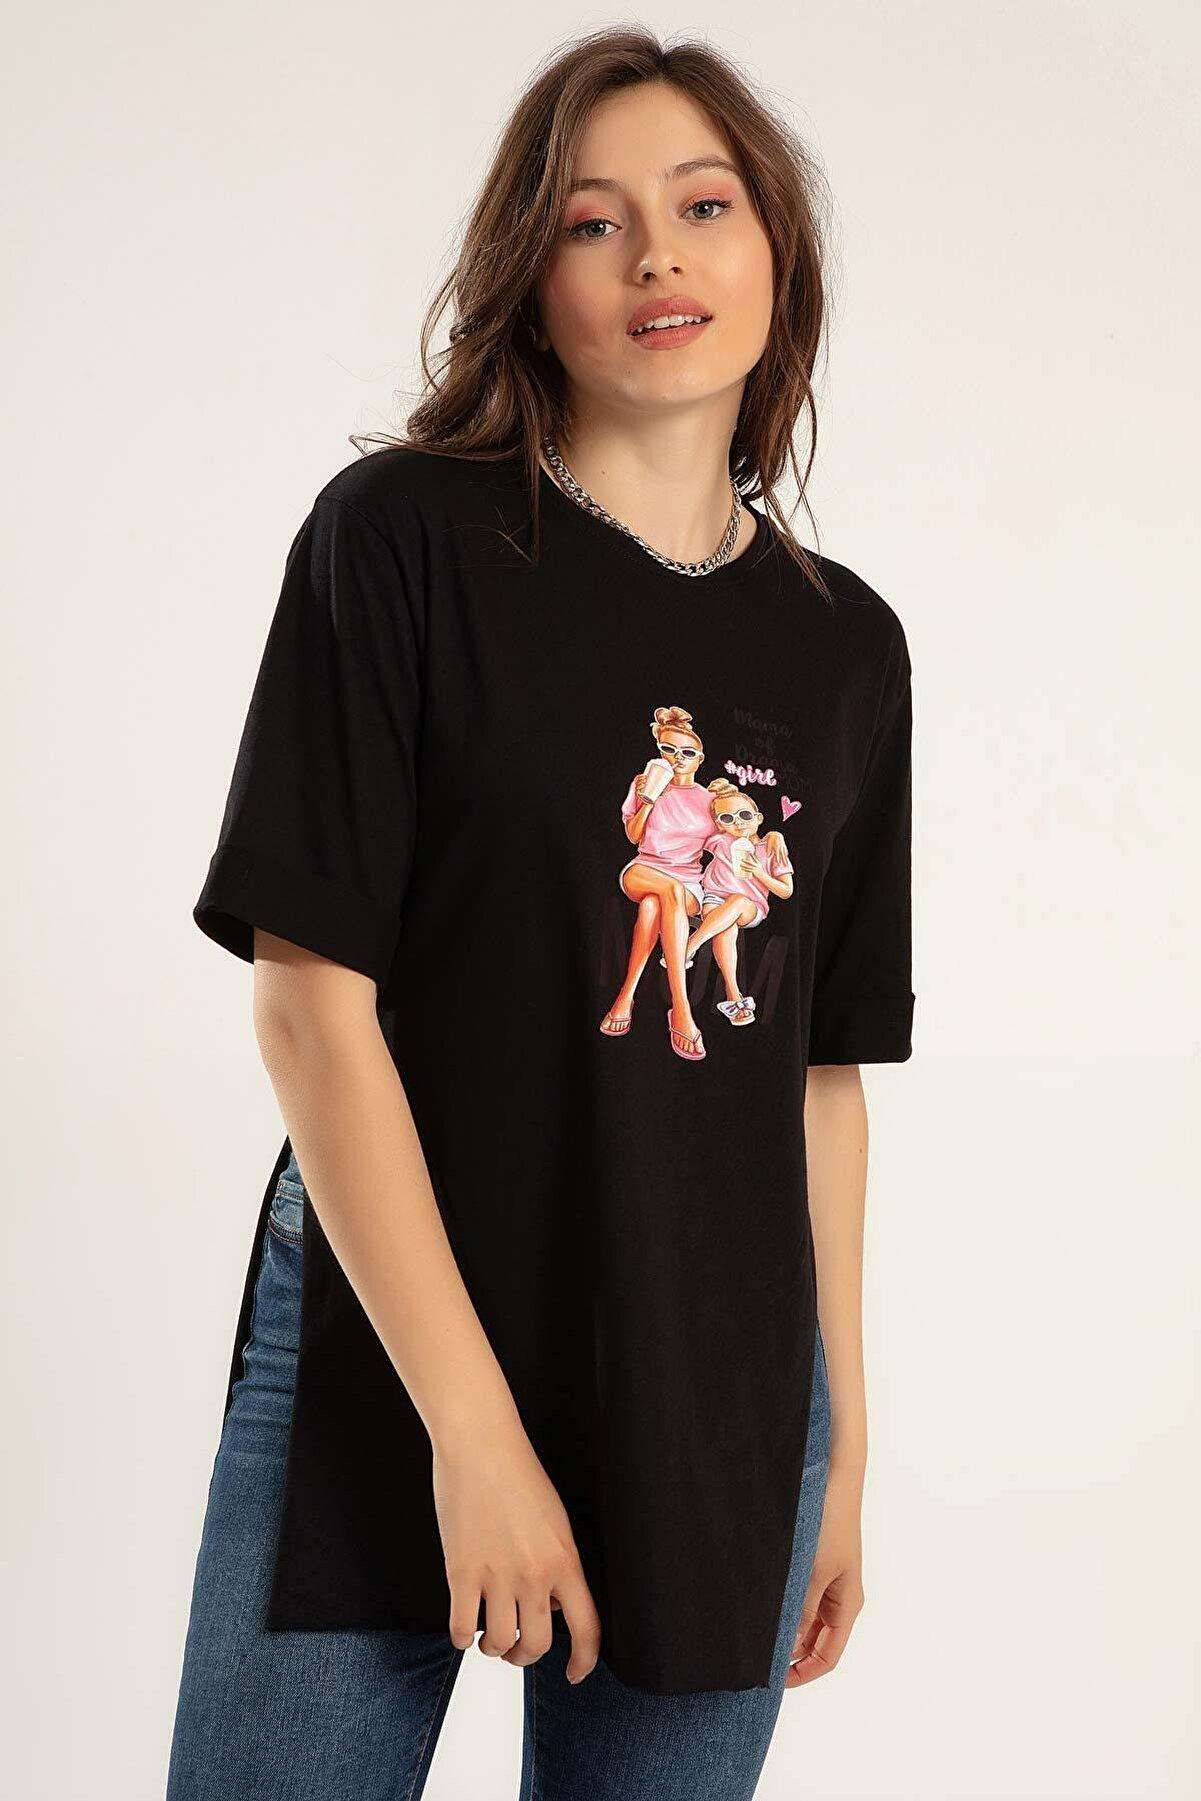 Pattaya Kadın Baskılı Yanları Yırtmaçlı Tişört Y20s110-0364